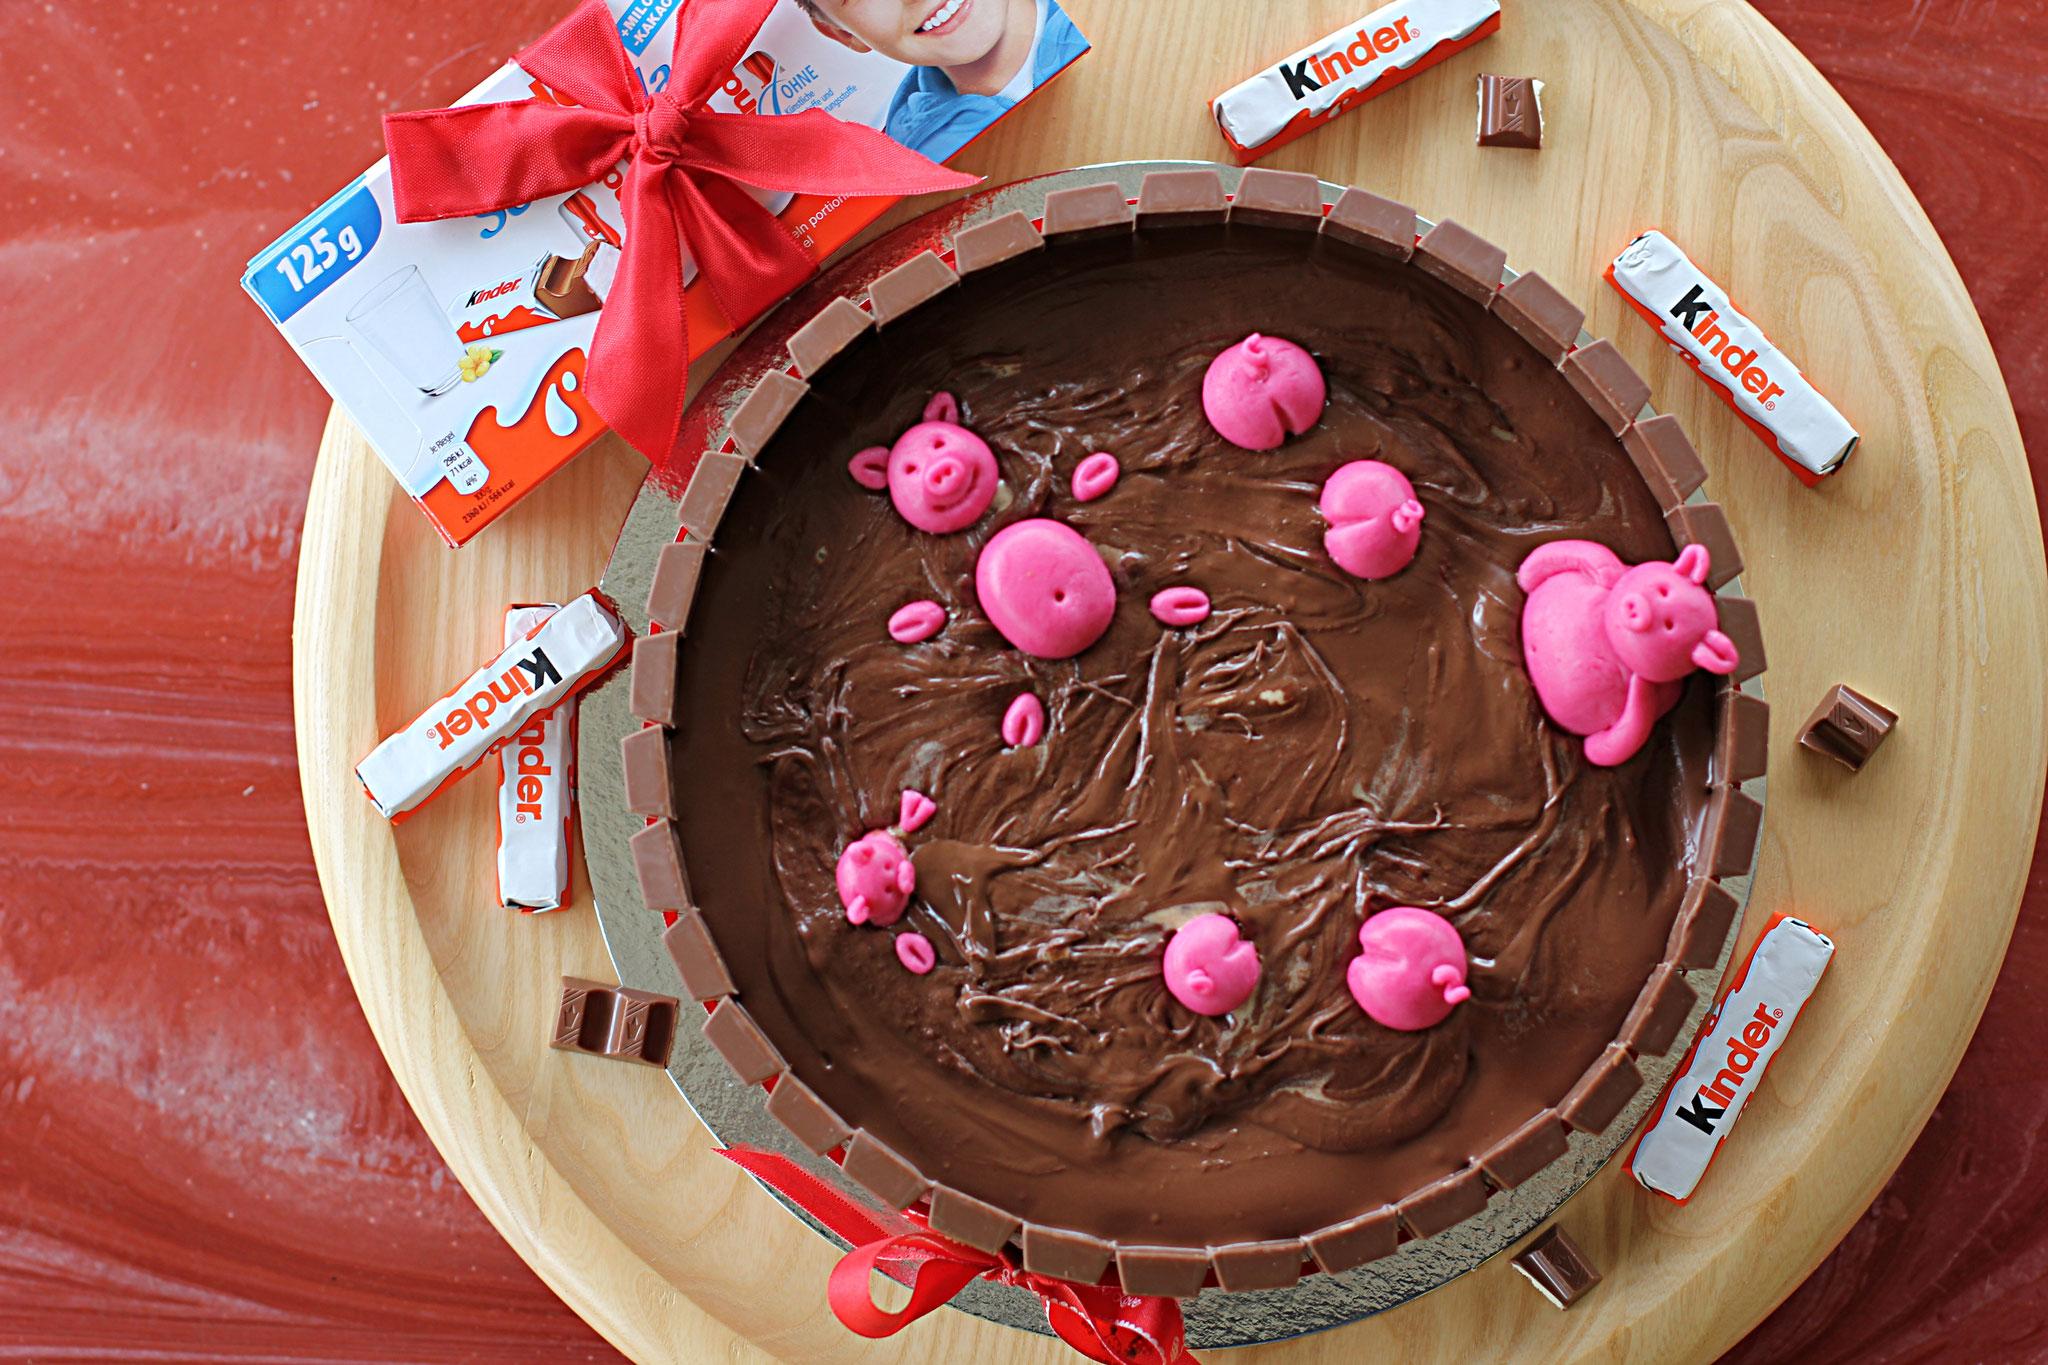 Et voila, so sieht die fertige Torte von oben aus!